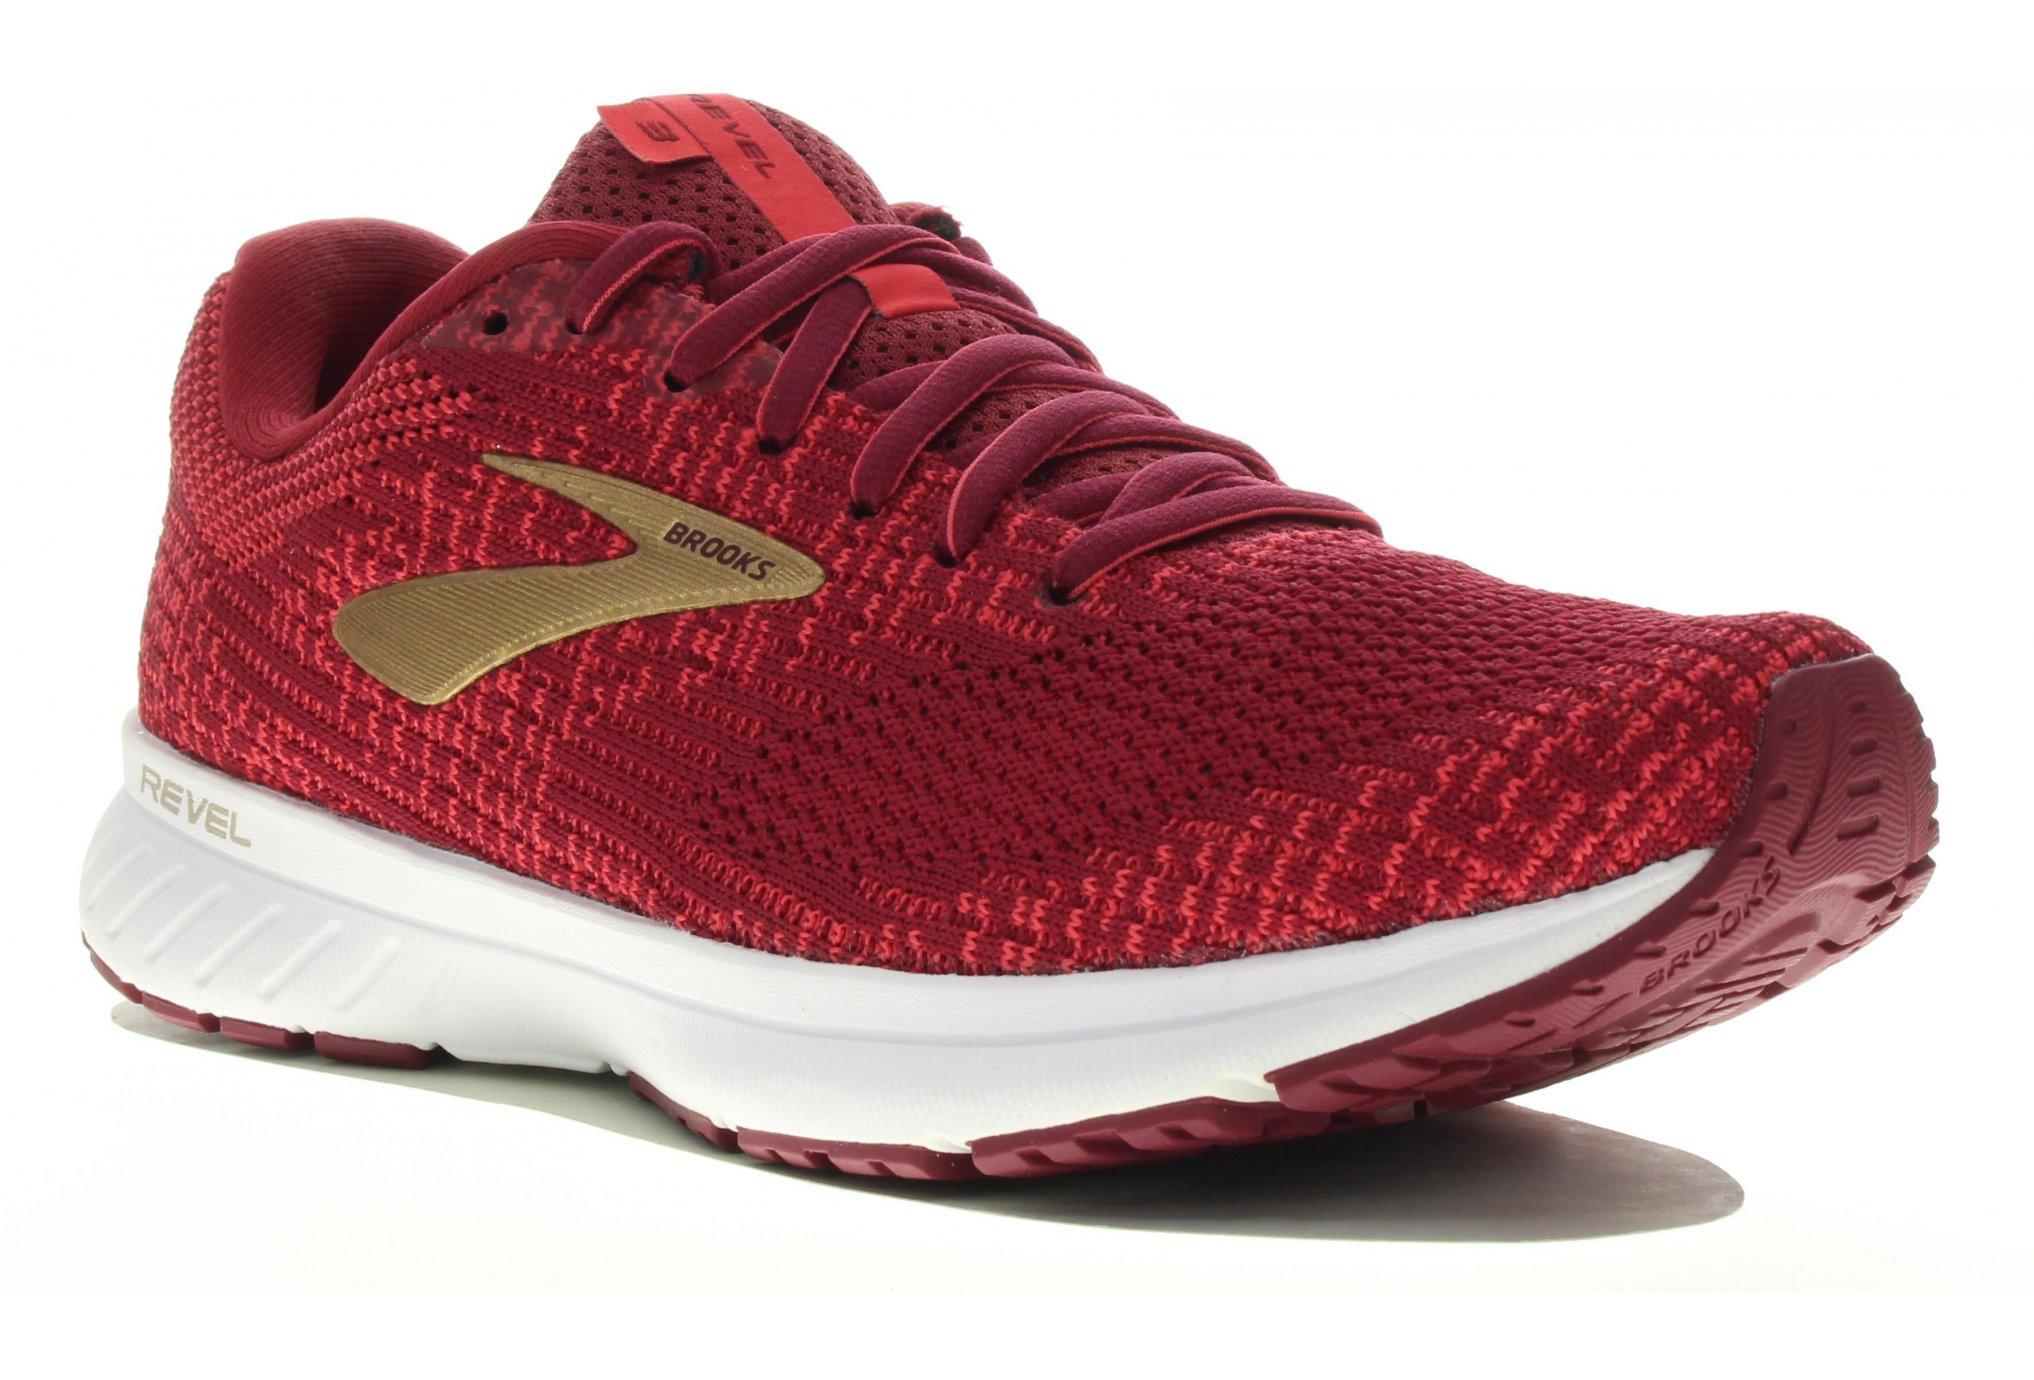 Brooks Revel 3 Chaussures running femme